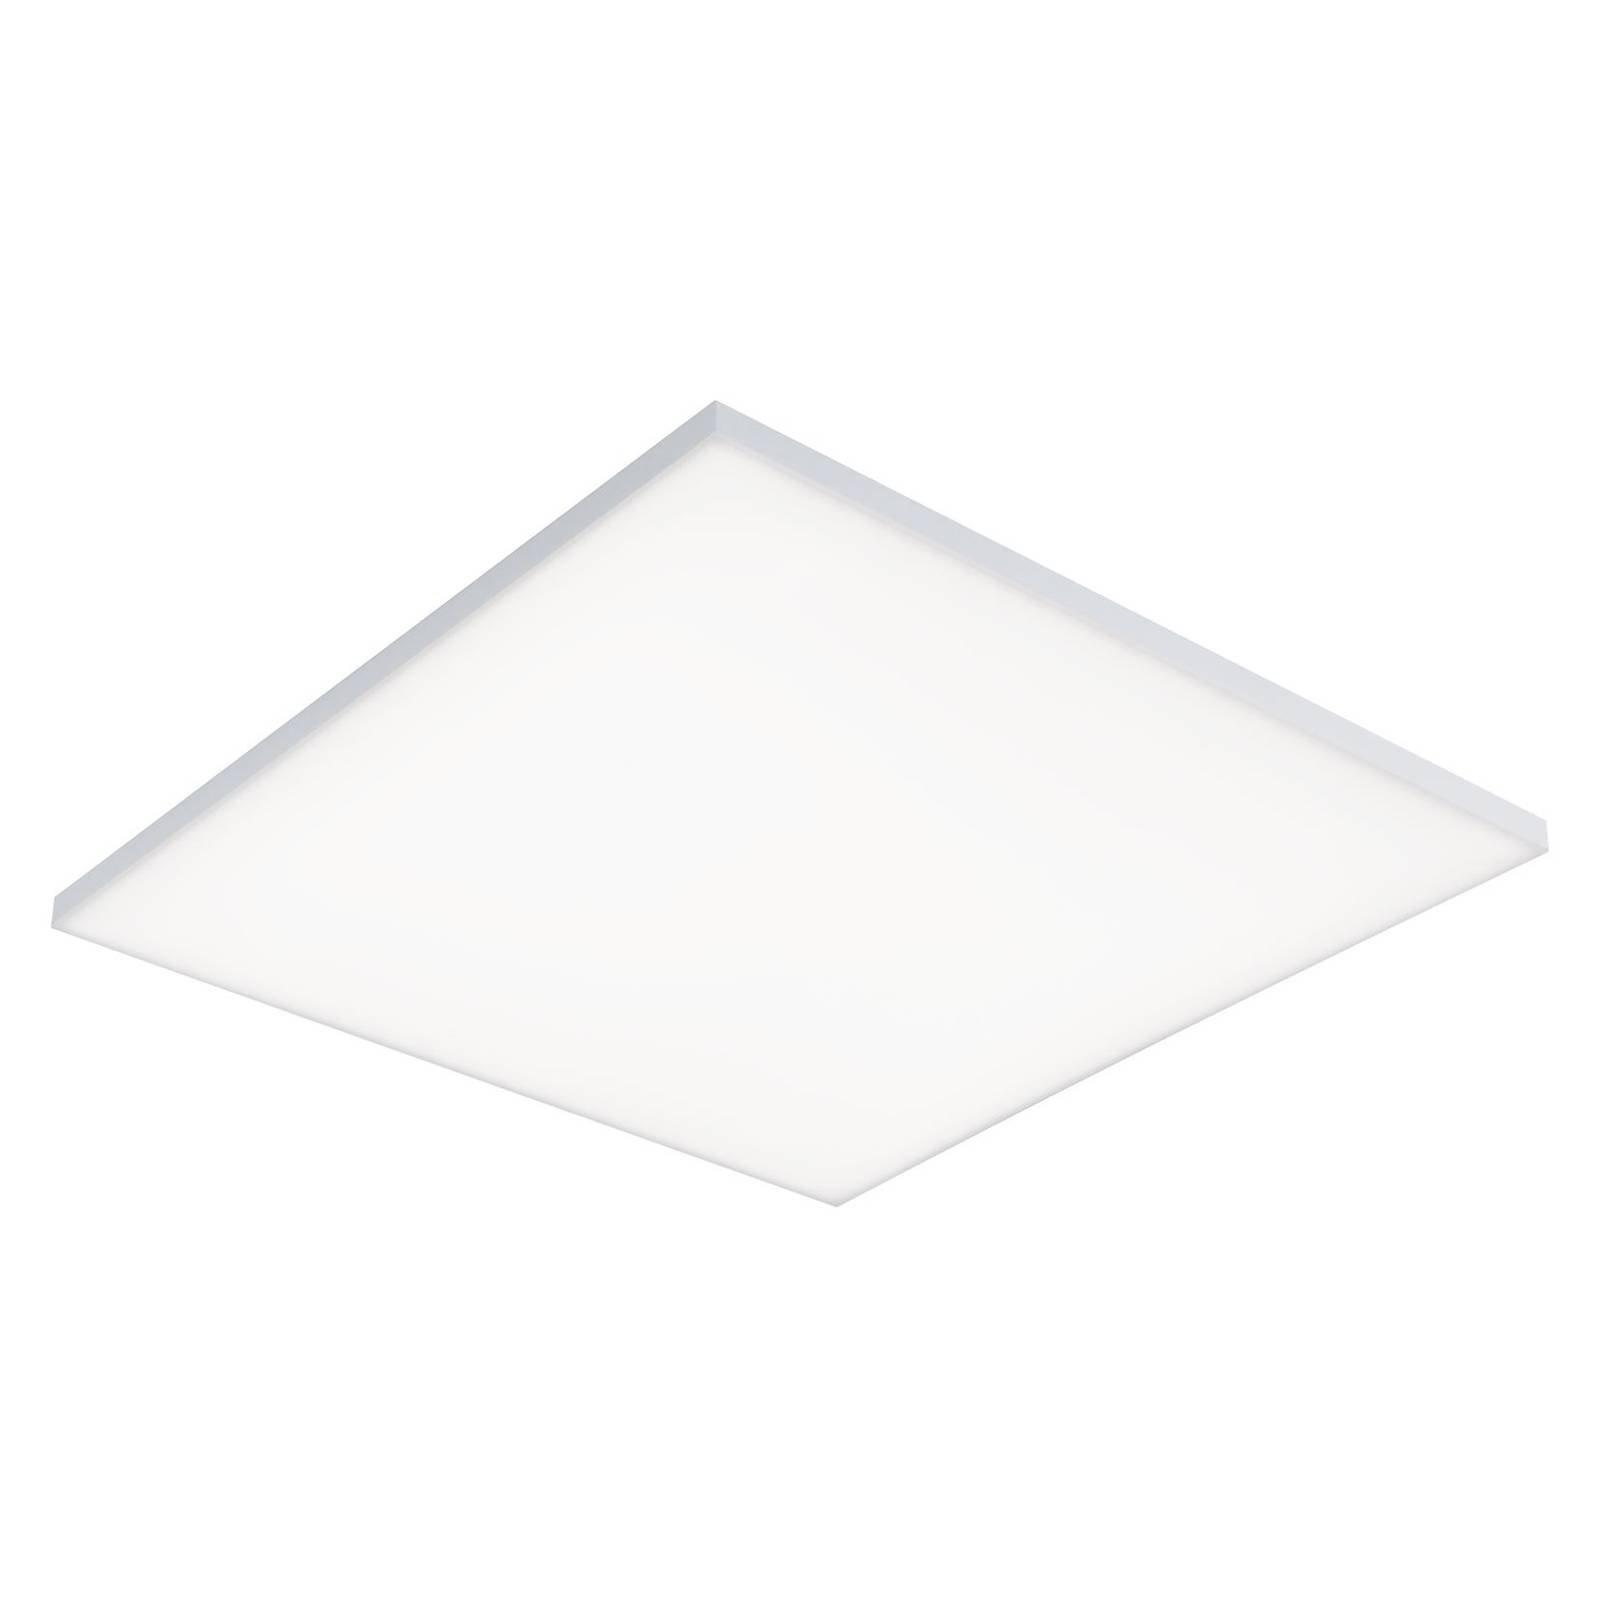 Paulmann Velora, LED-panel 3-ste-dim, 59,5x59,5 cm